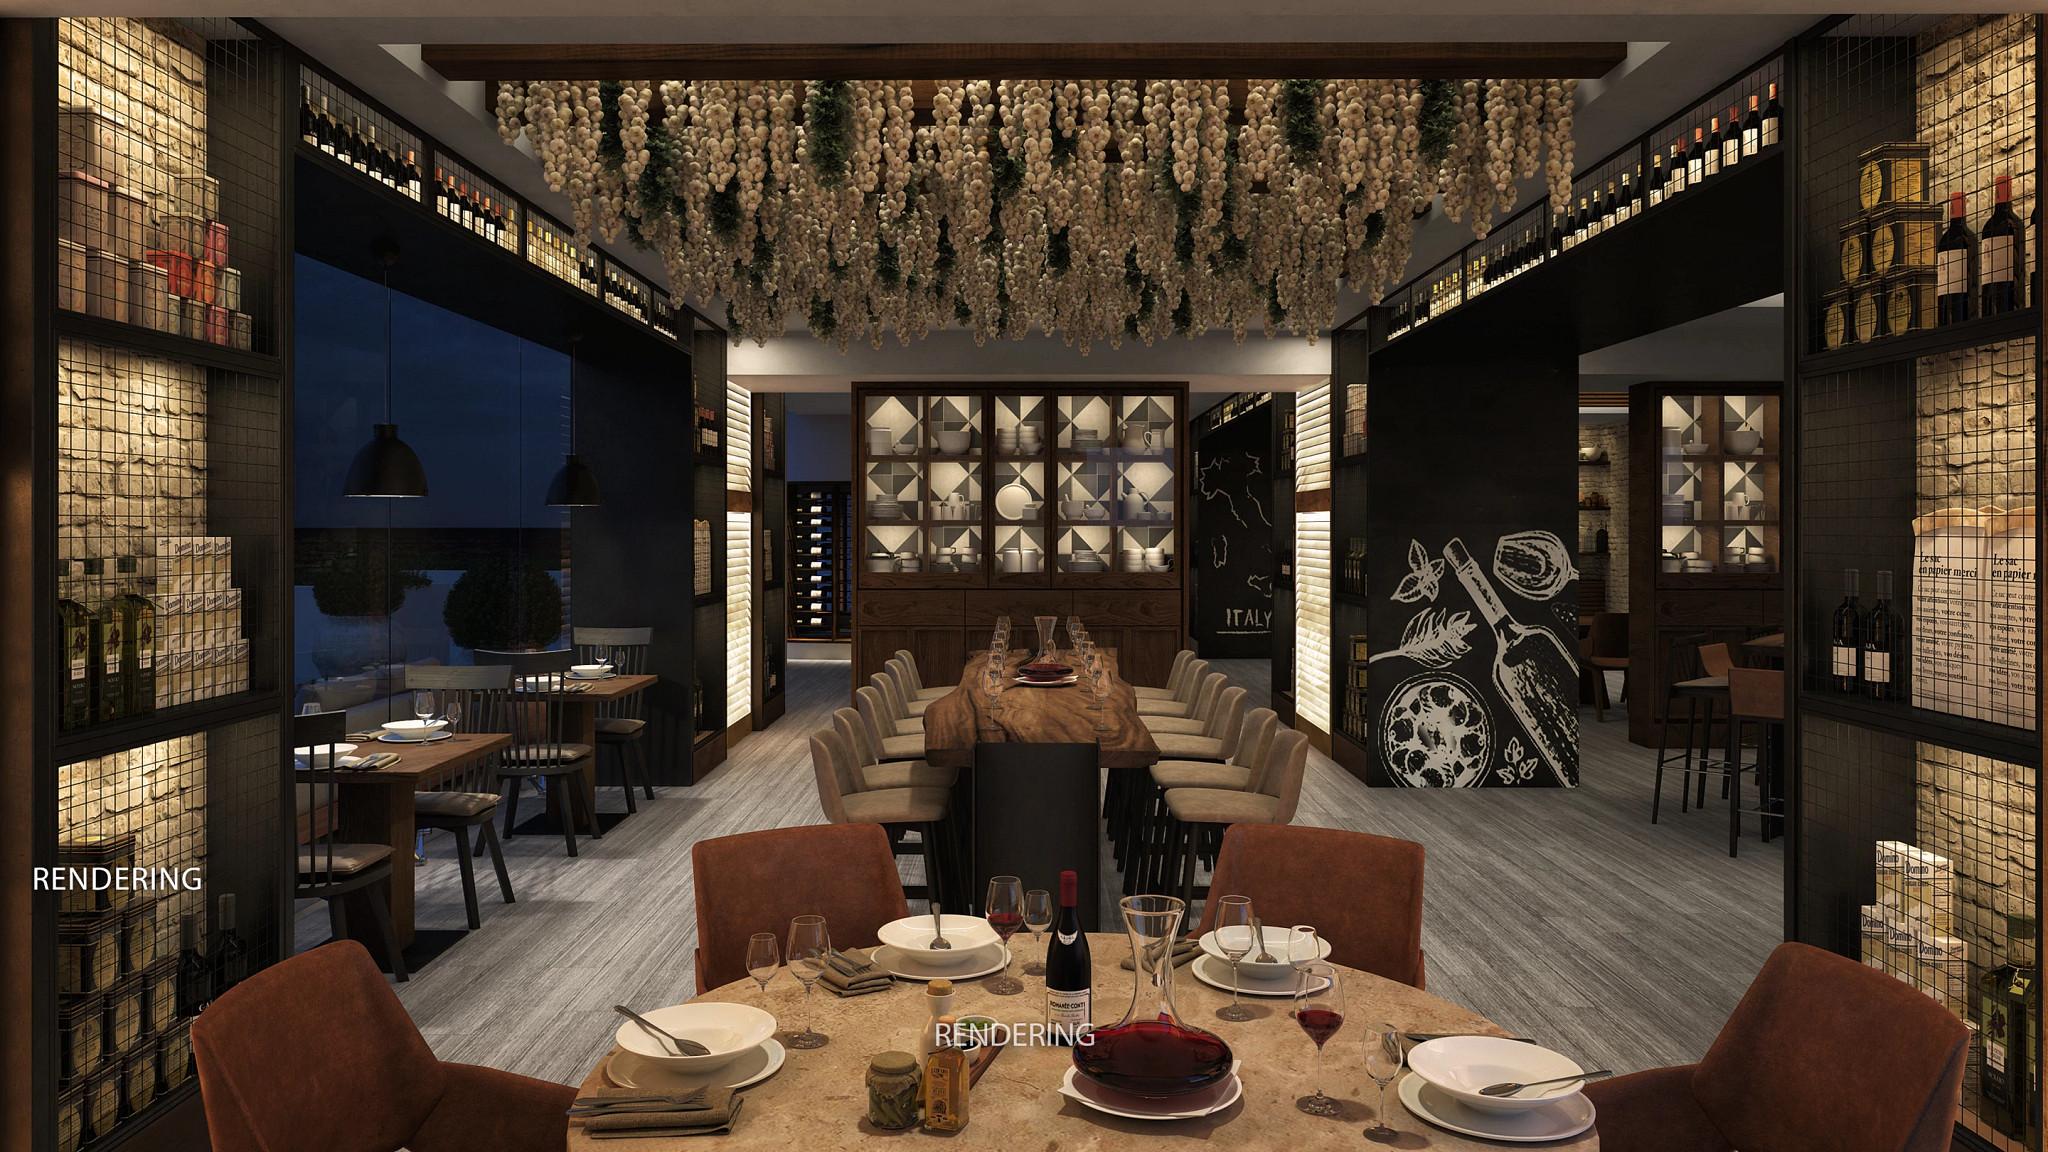 computer rendering of an italian restaurant